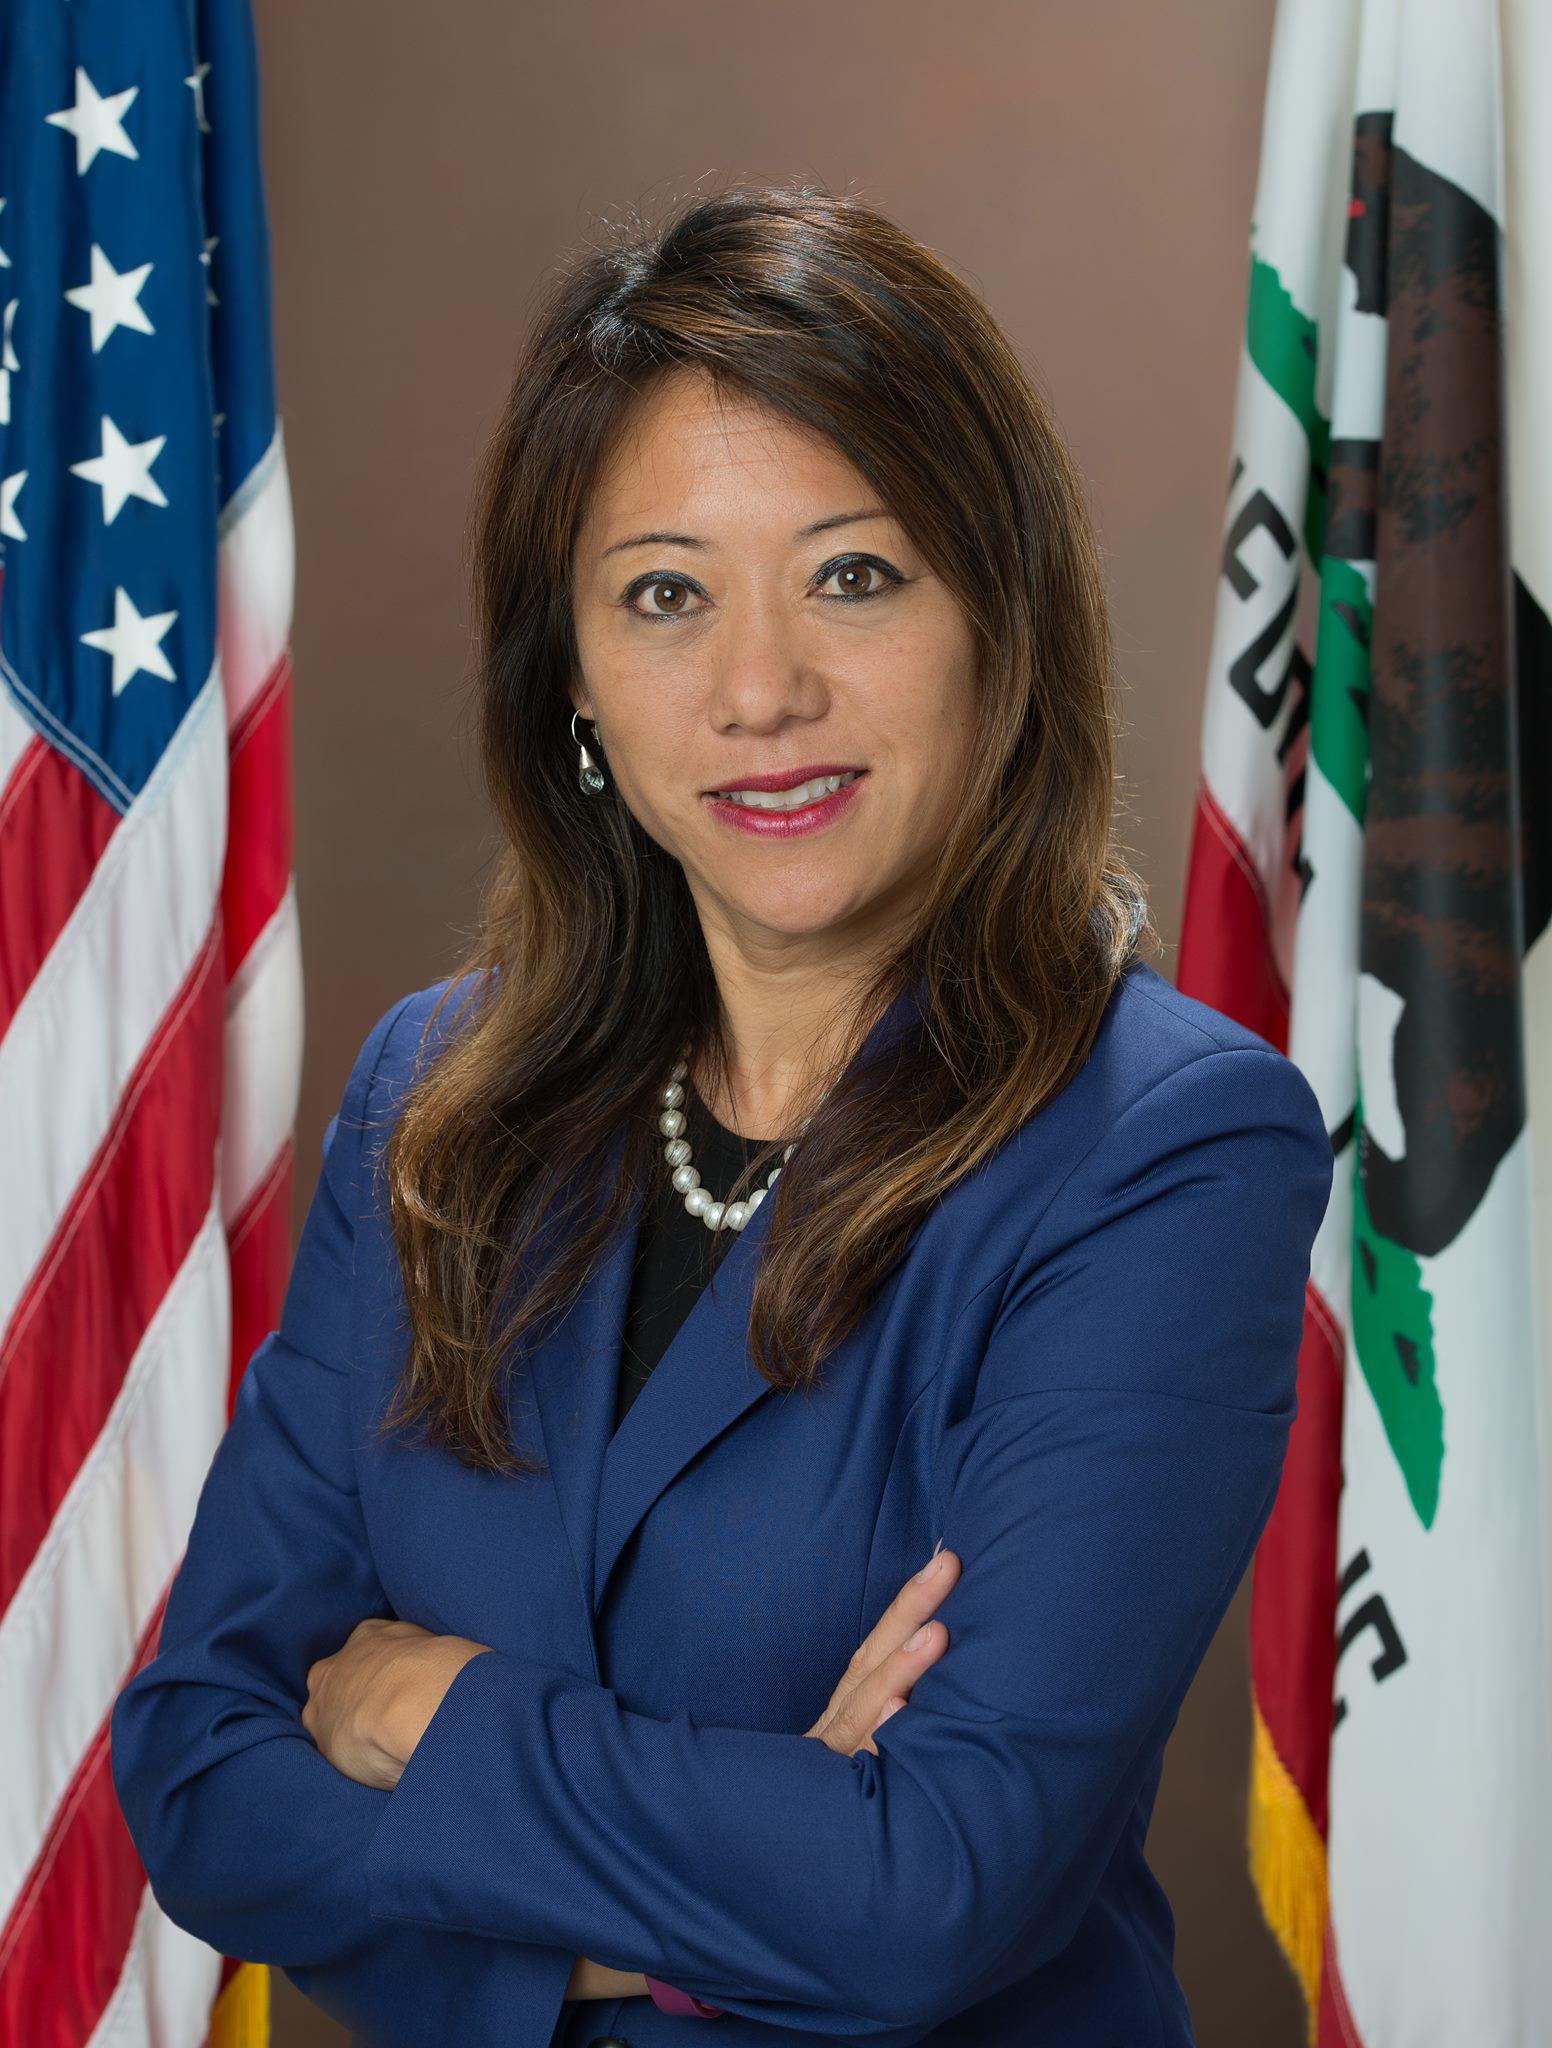 Treasurer Fiona Ma